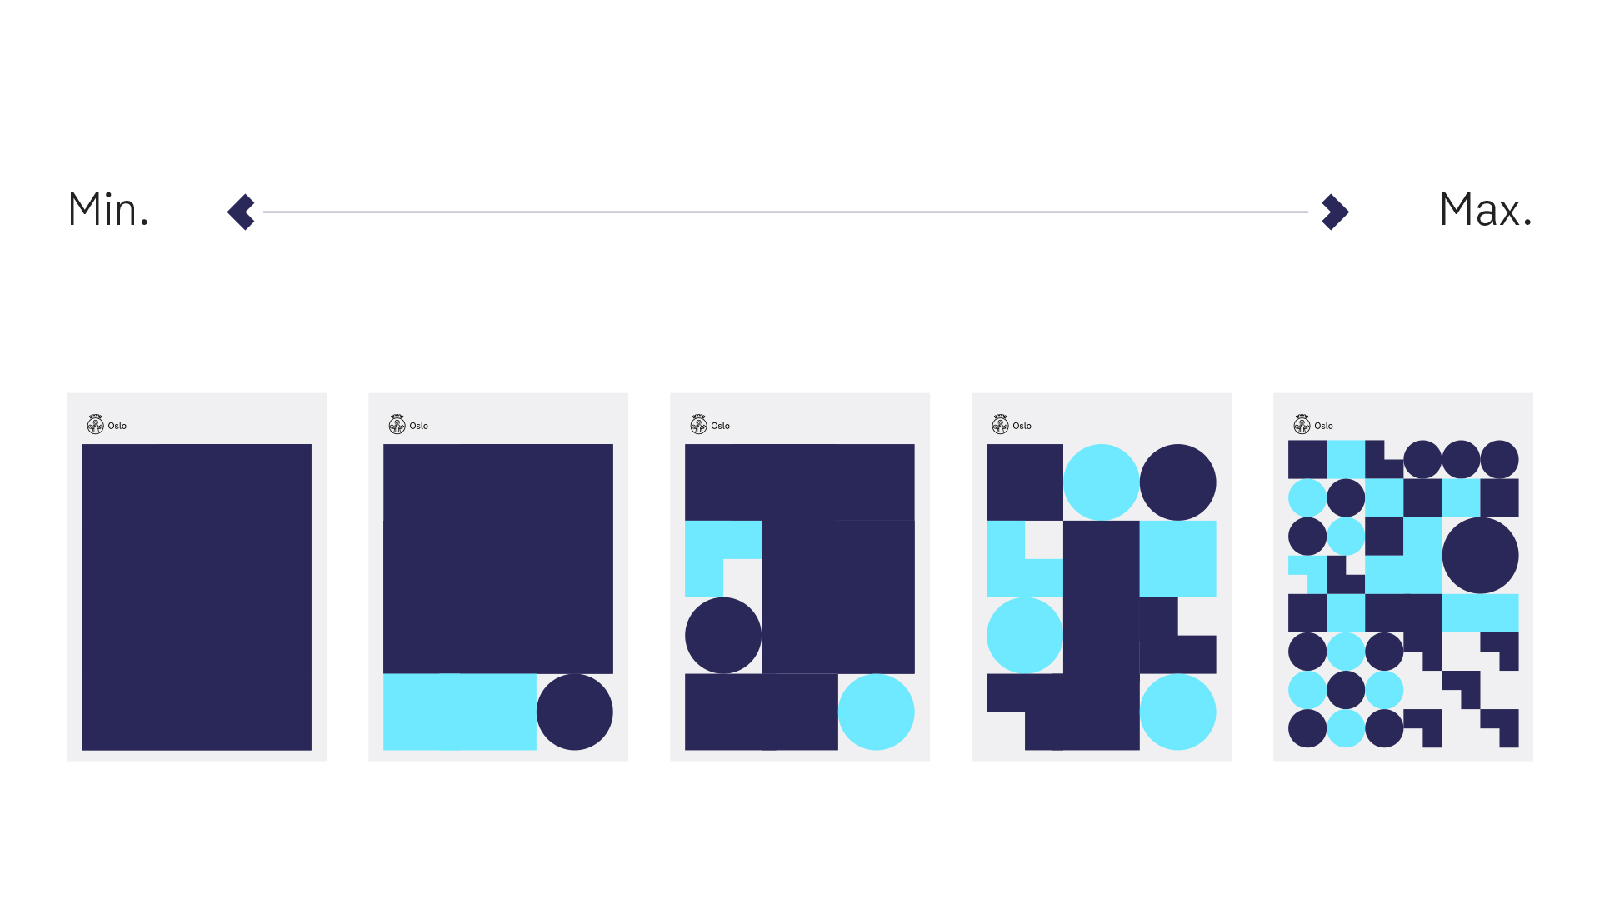 挪威Oslo奥斯陆城市更新全新的品牌logo和vi形象设计-深圳vi设计11